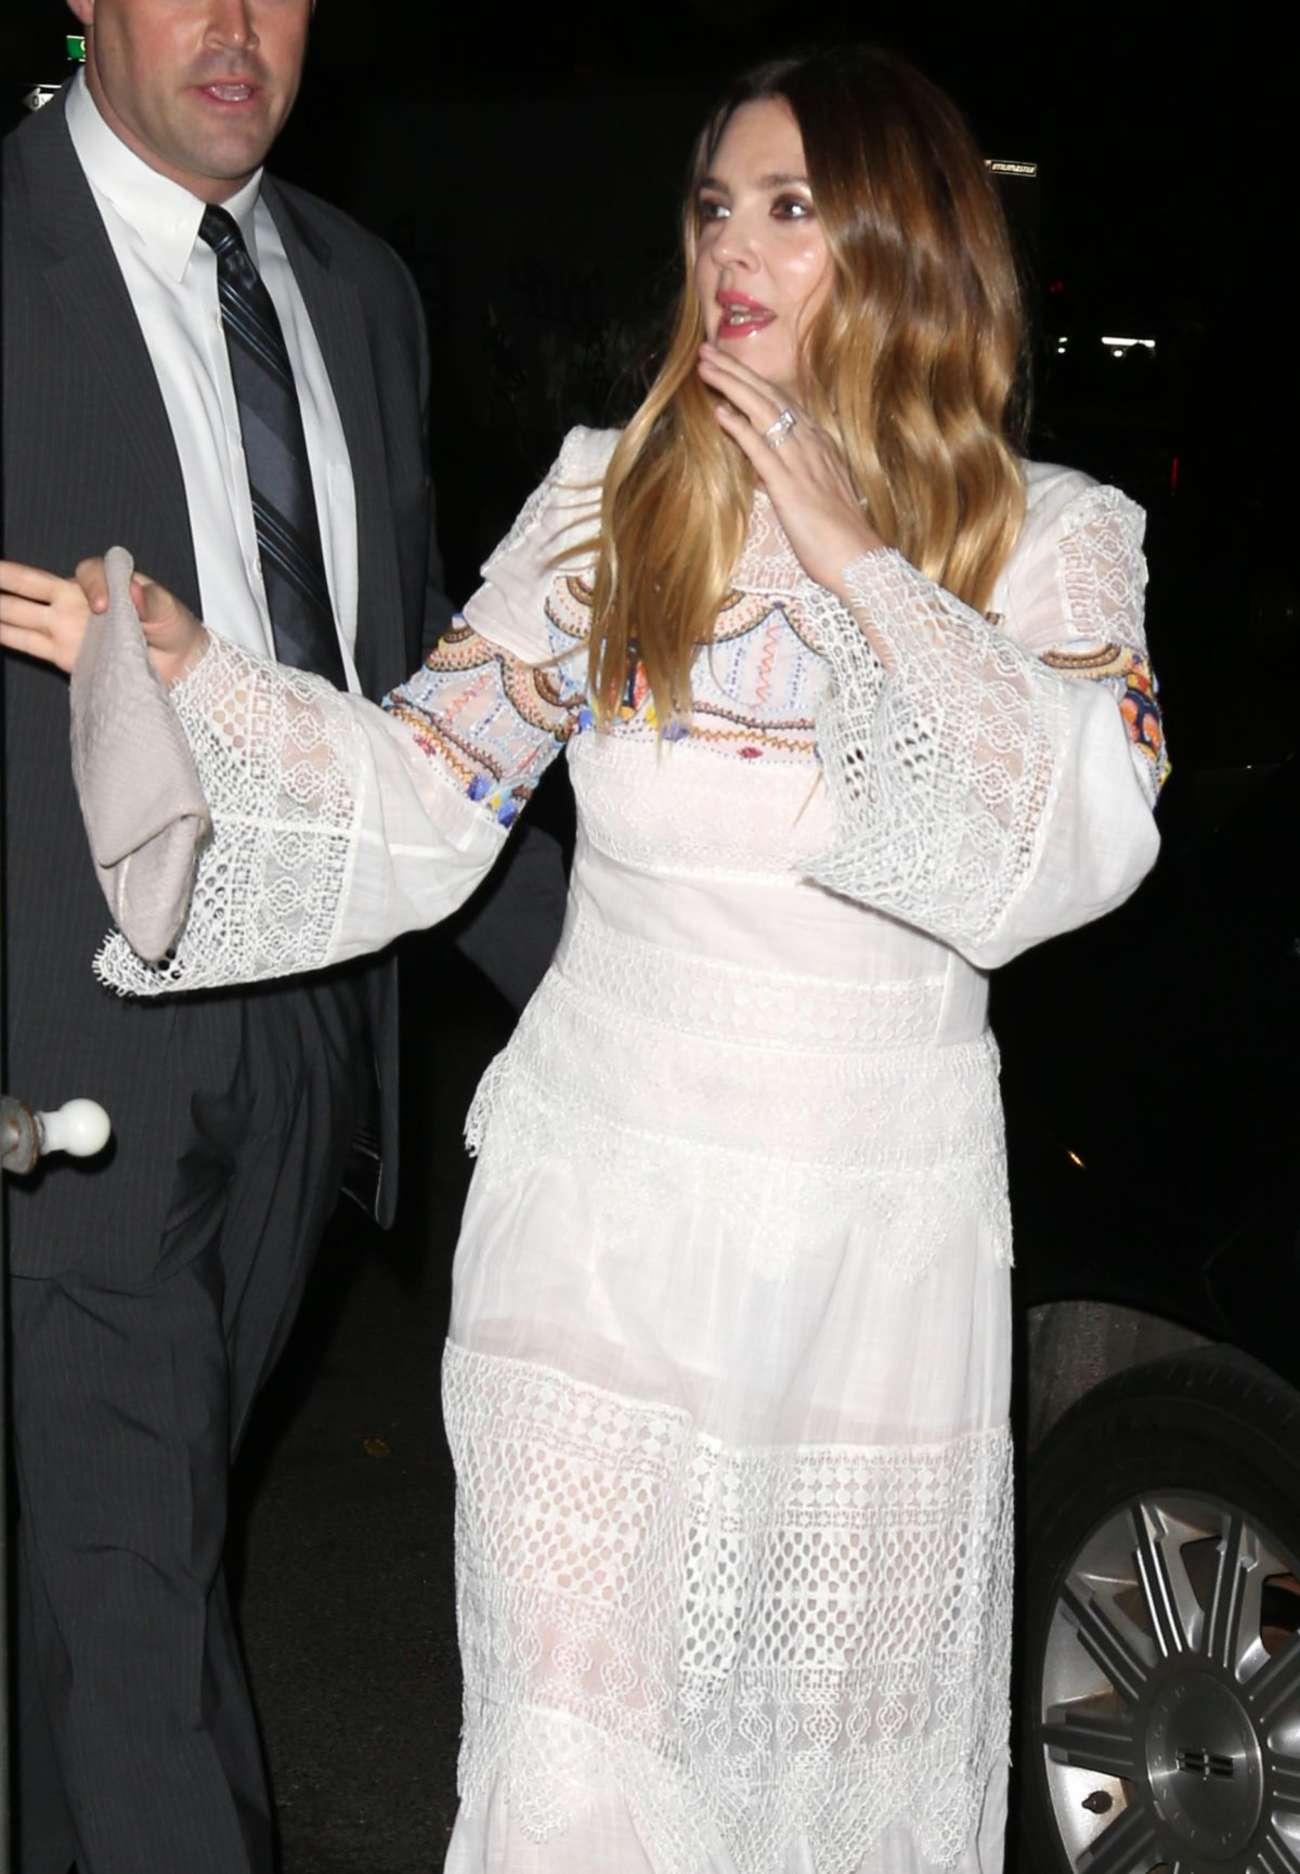 Drew Barrymore 2015 : Drew Barrymore in White Long Dress -03